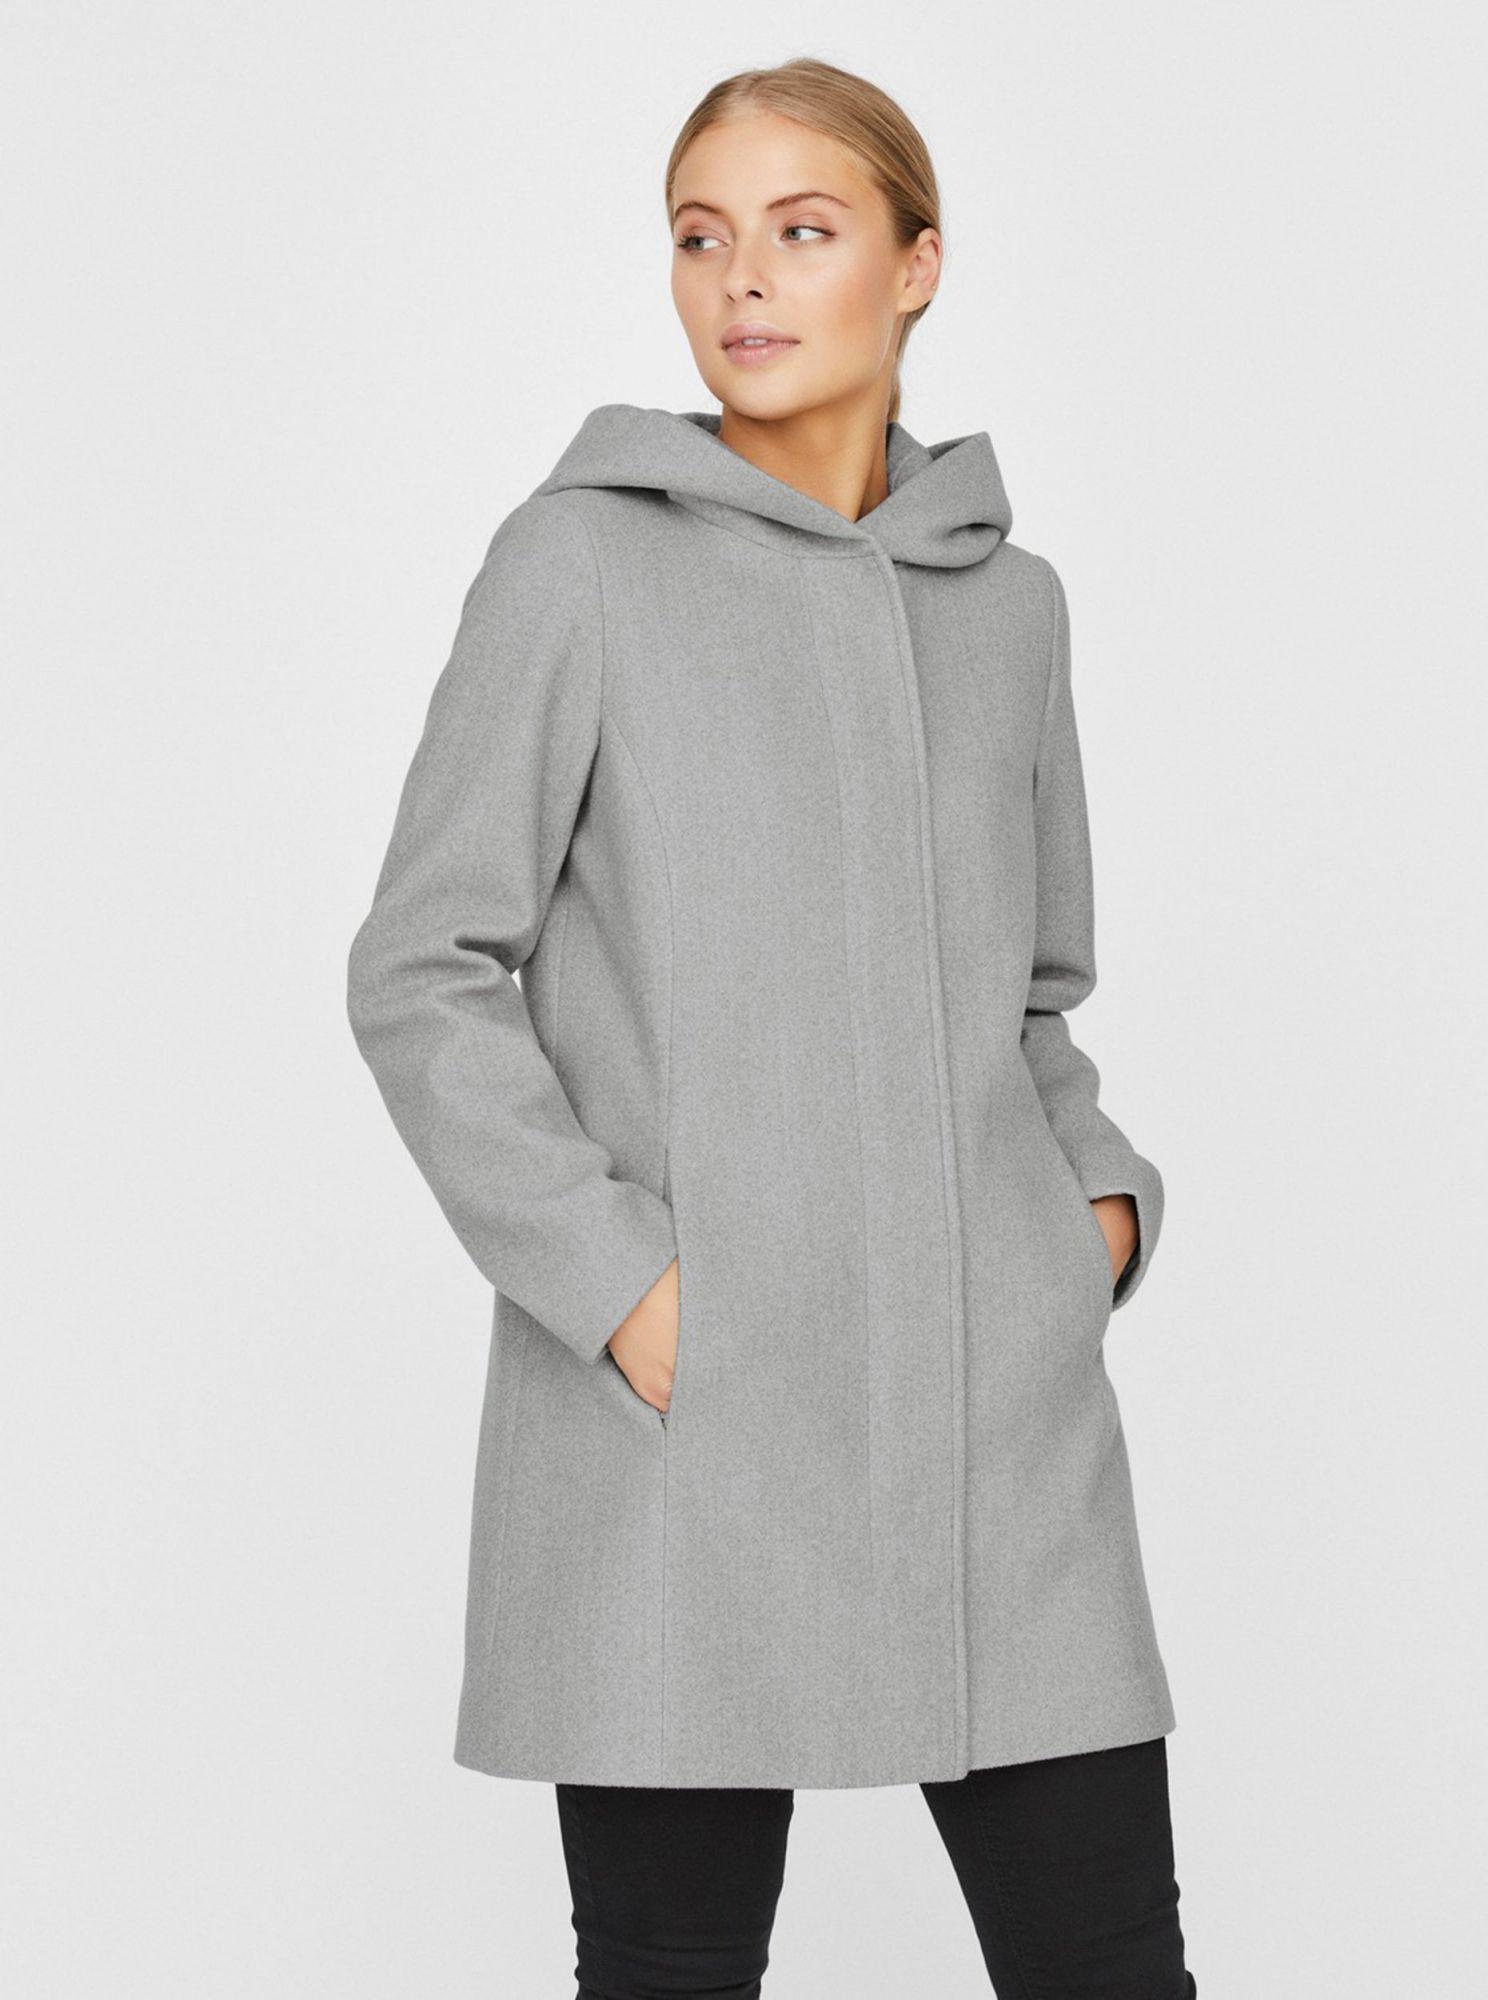 Šedý kabát s kapucí VERO MODA Dafne